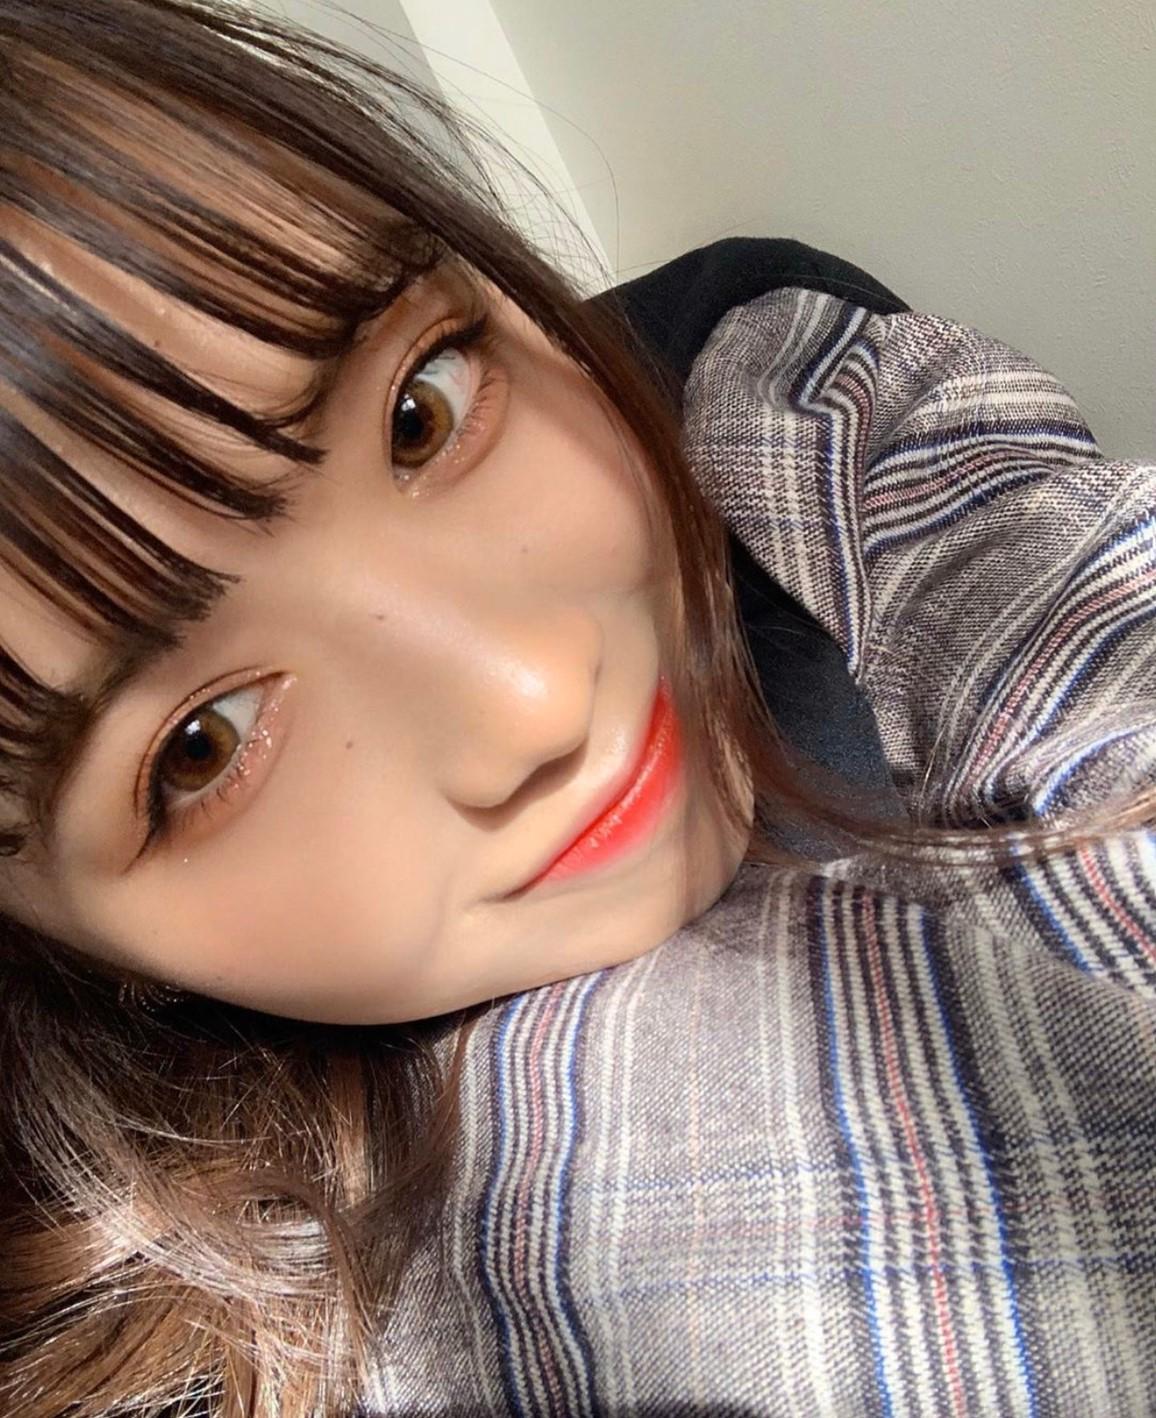 Kirari(きらり)の可愛い画像まとめ【43枚】美人モデル・No.104